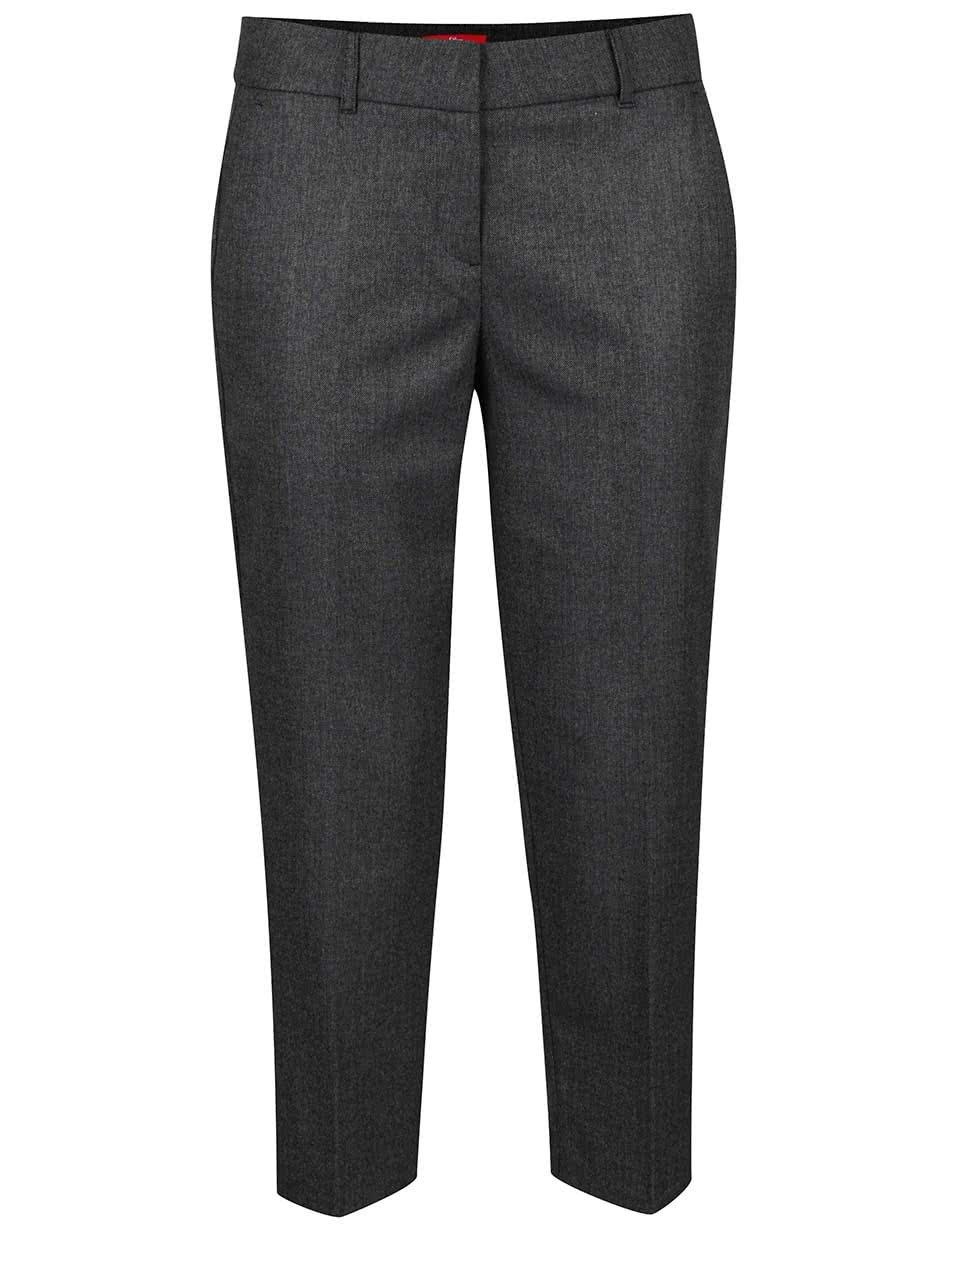 Tmavě šedé dámské žíhané osminkové formální kalhoty s.Oliver